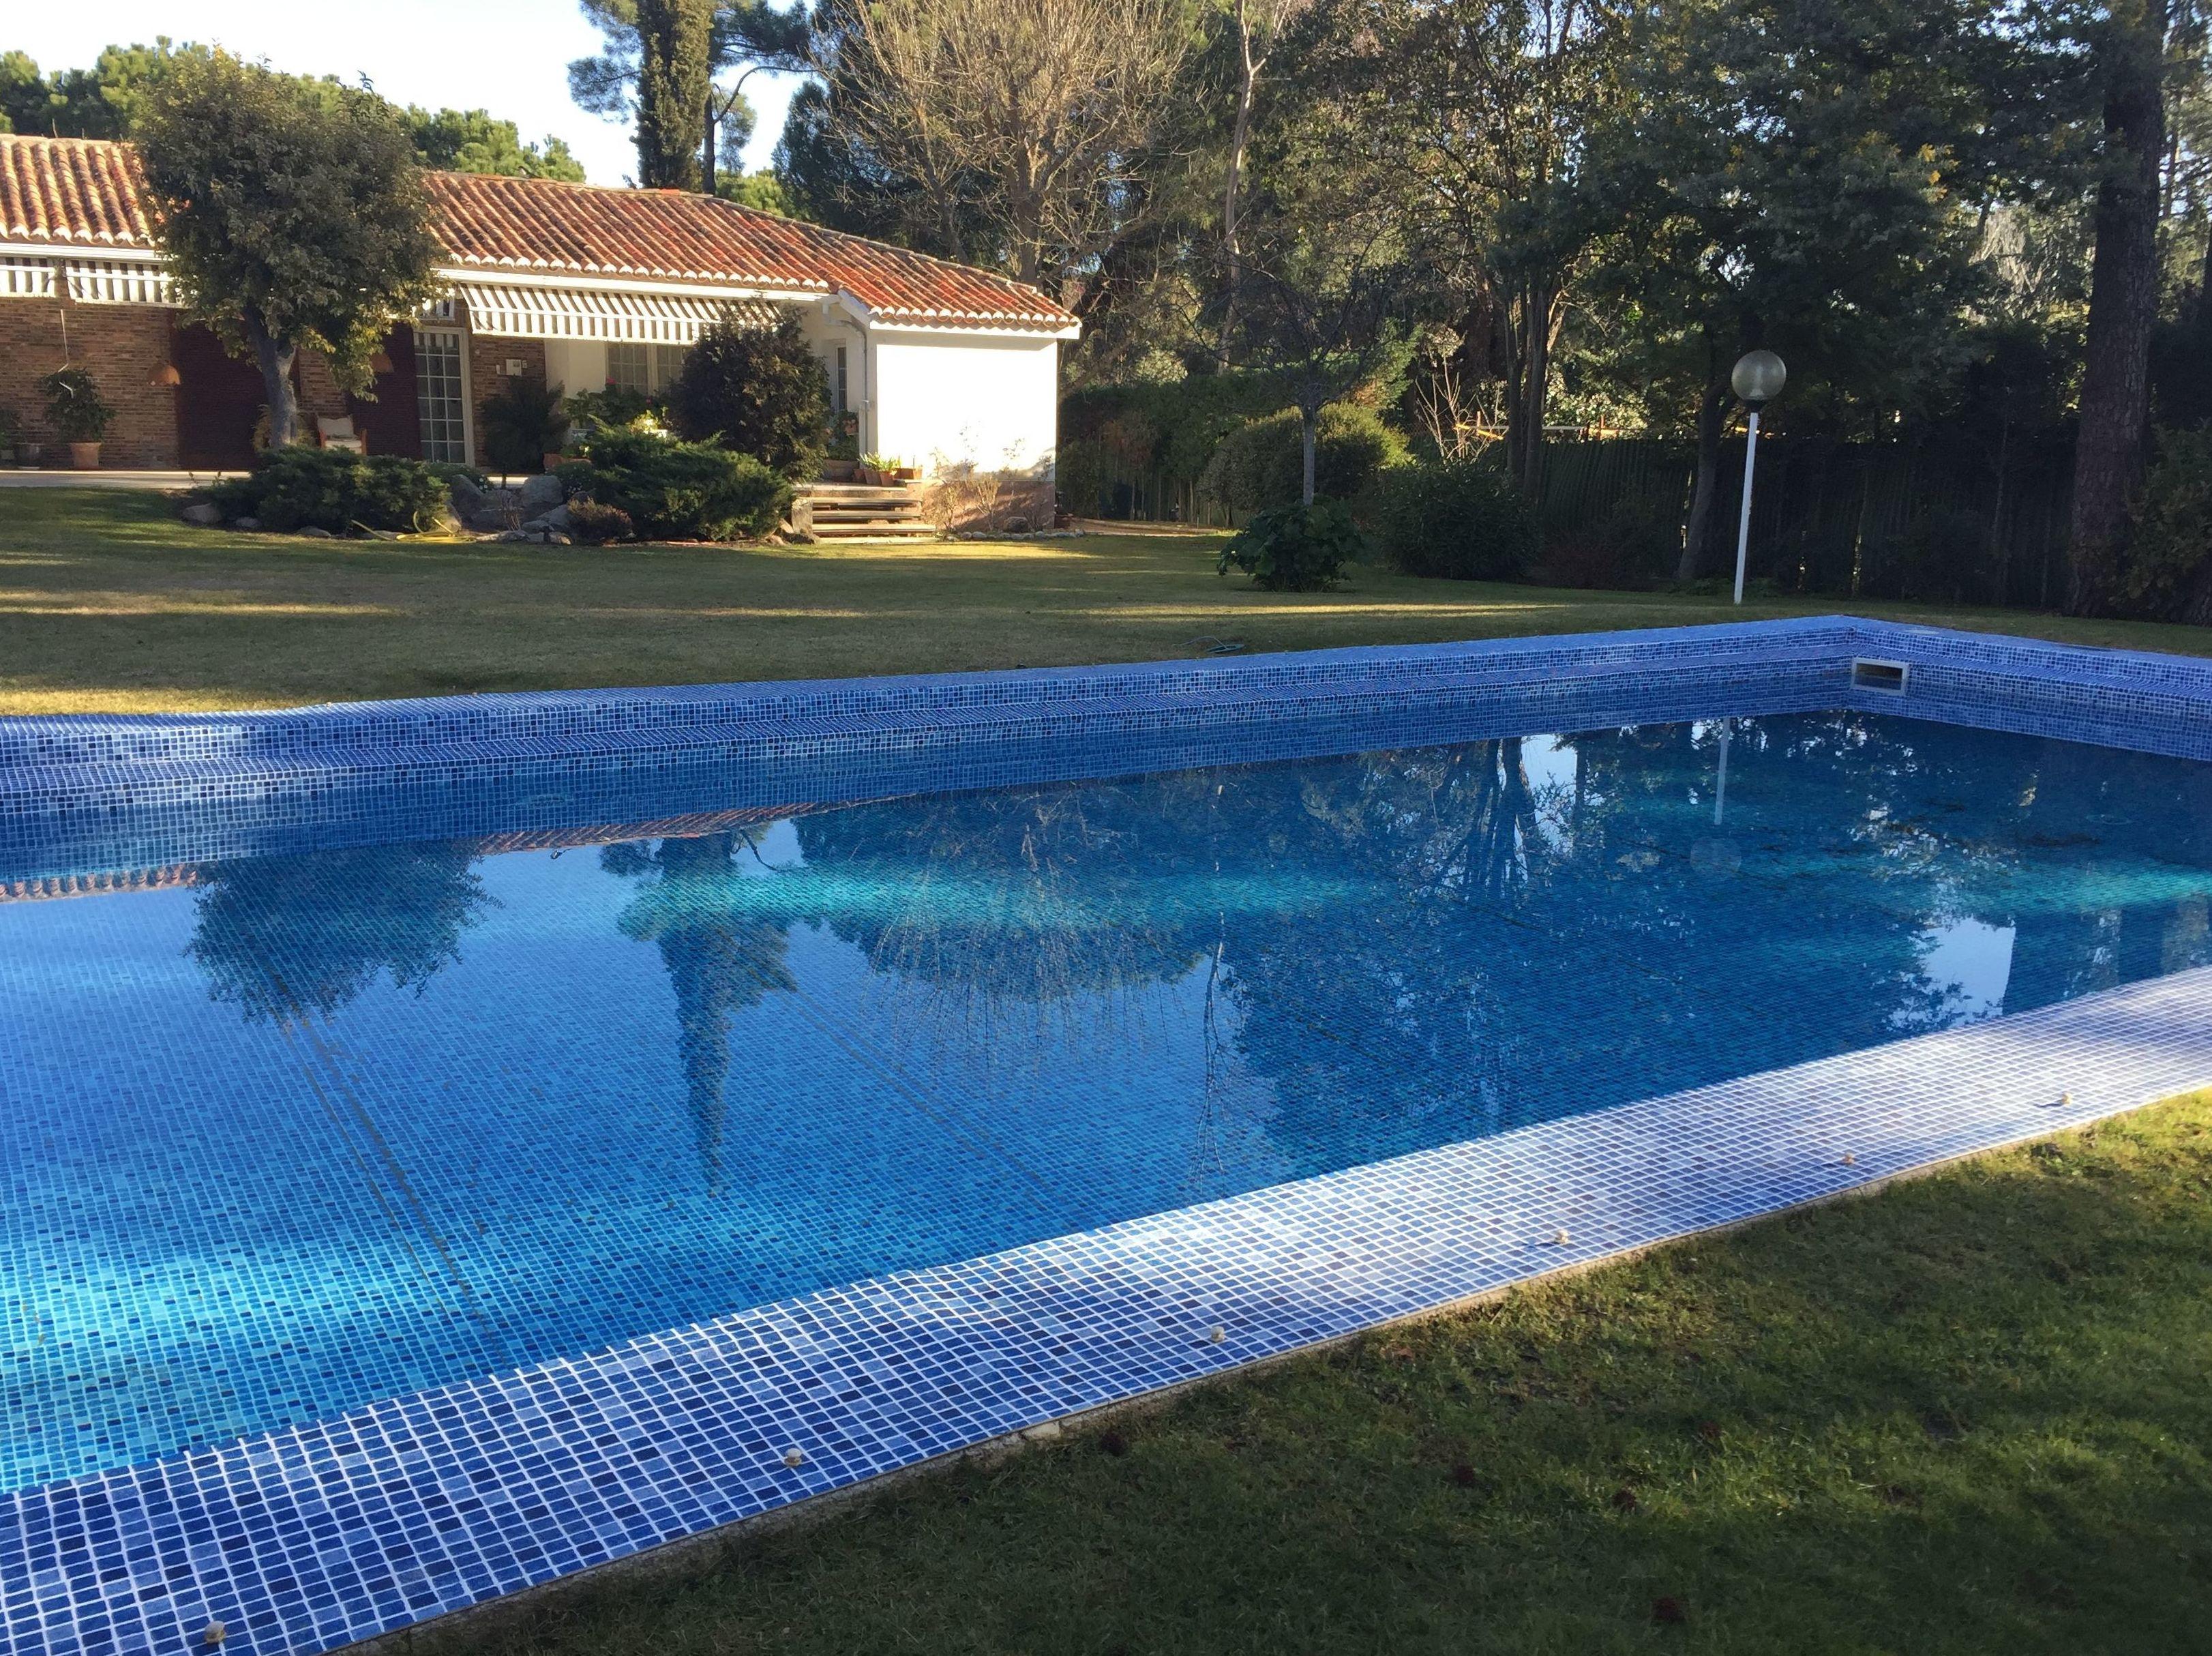 L mina armada nuestros servicios de ocio piscinas for Lamina armada para piscinas precios